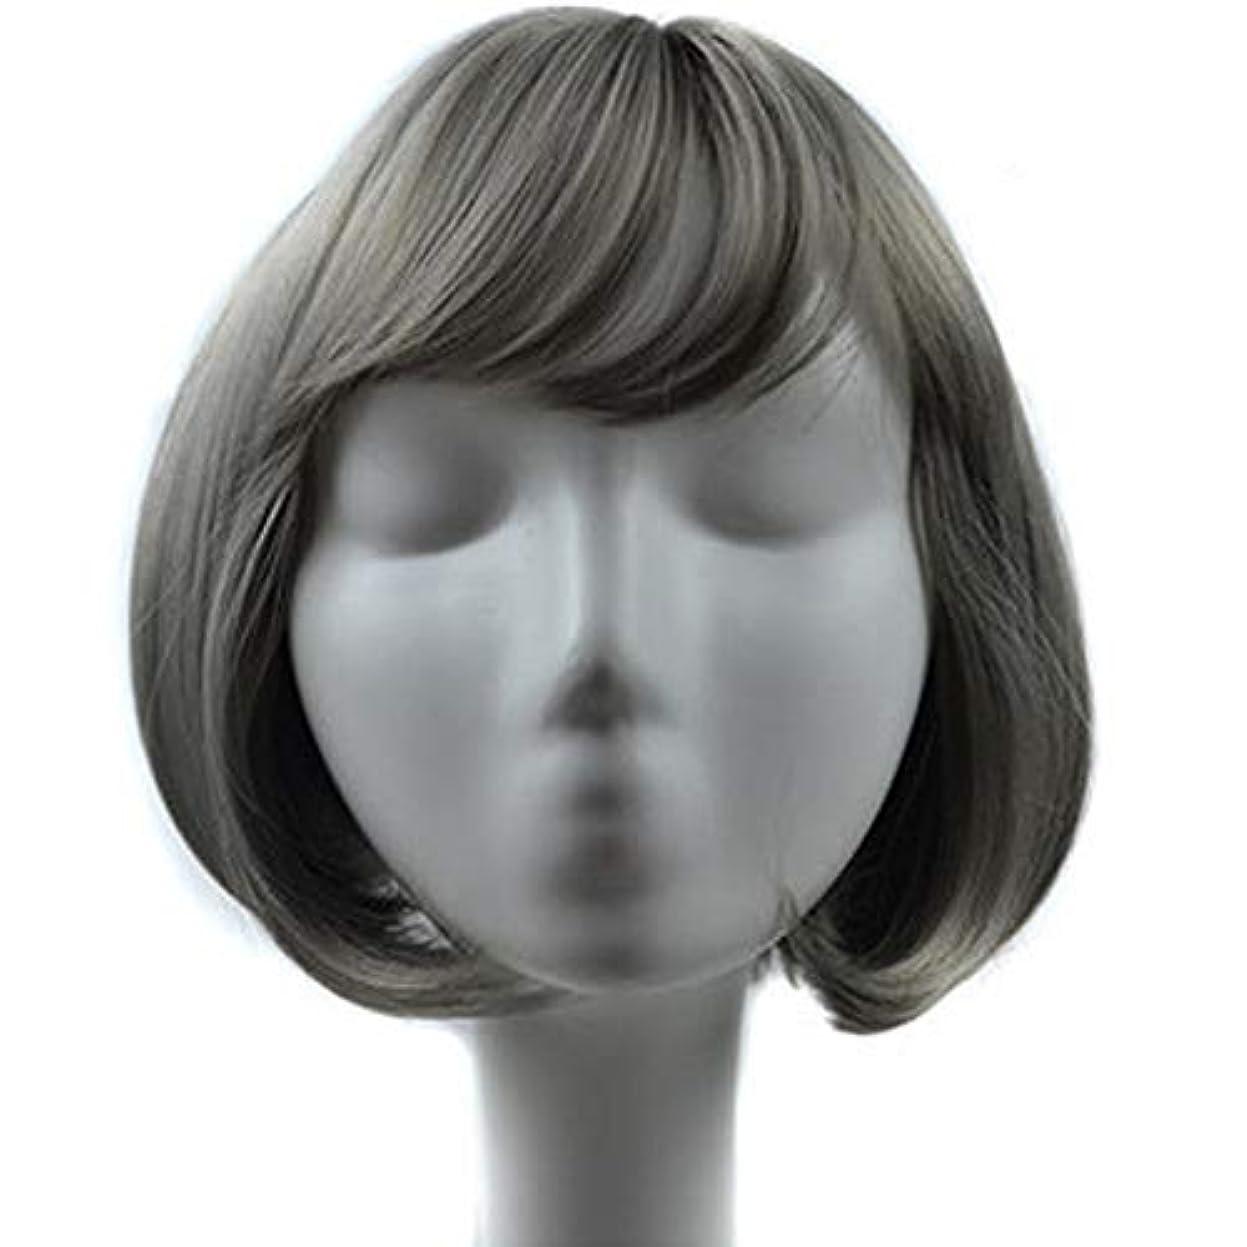 小屋剃る夕方Lazayyii女子 かつら エアバン 天然のリアル ヘア前髪エアバンボボヘッドナシウィッグ (グレー)